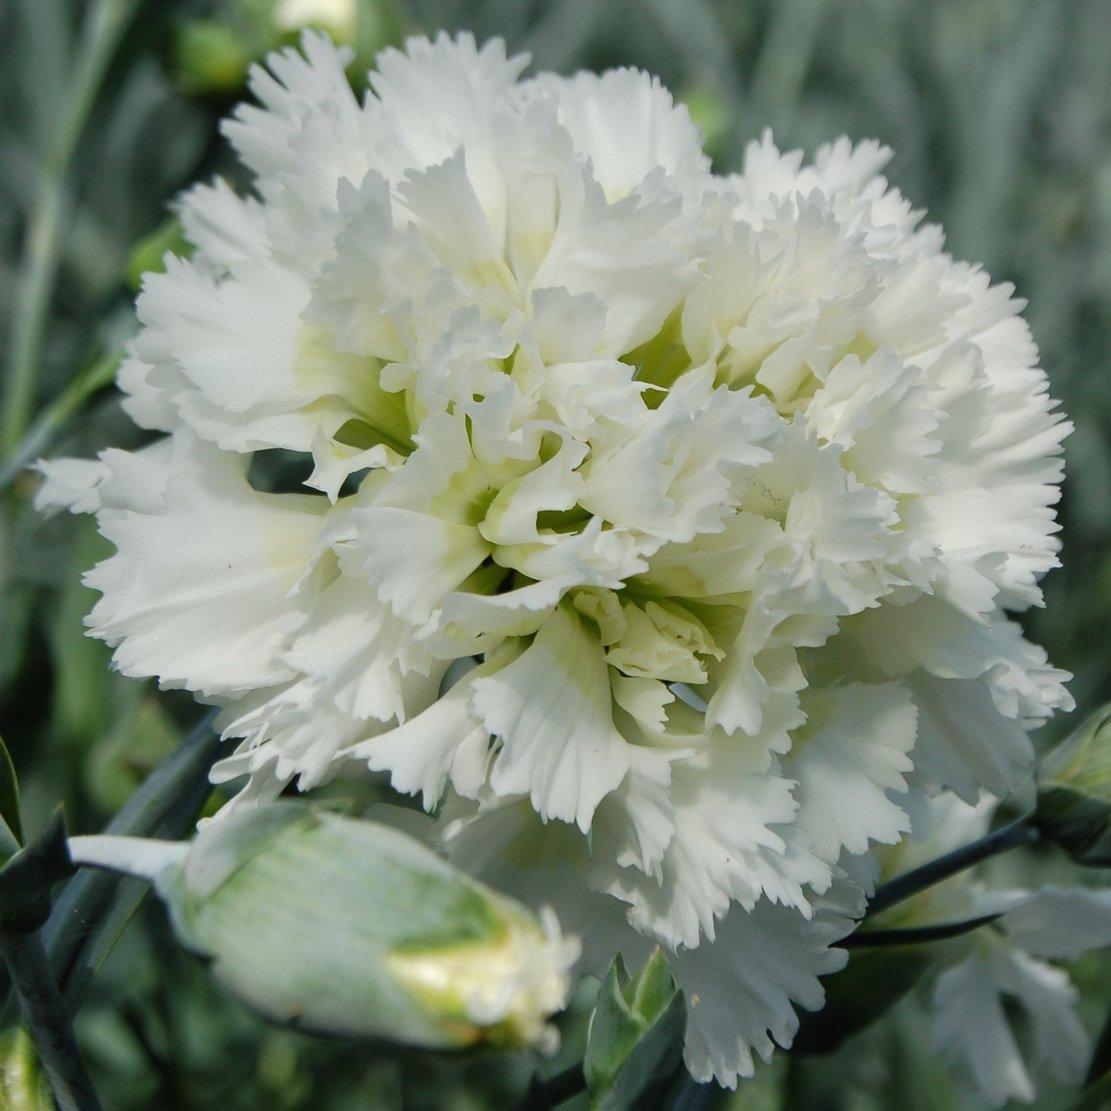 Dianthus-Mrs-Sinkins-1